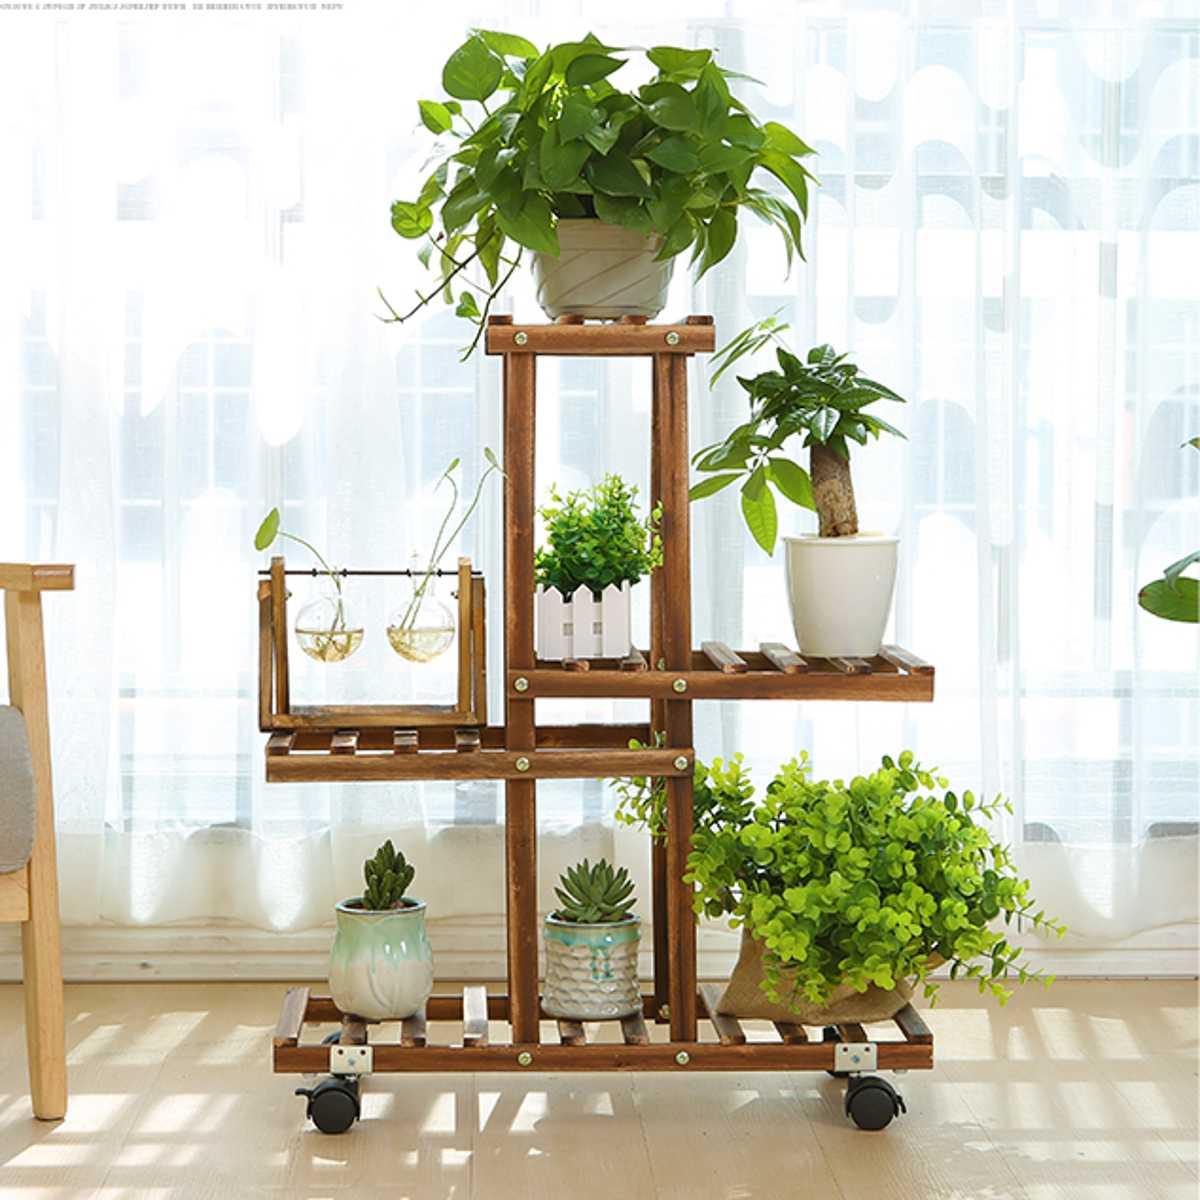 Planta de bambu Stand Vaso de Flores Plantador Do Jardim Pote de Berçário Stand Prateleira Jardim Ao Ar Livre Indoor Decoração Presentes de Ferramentas Com Rodas